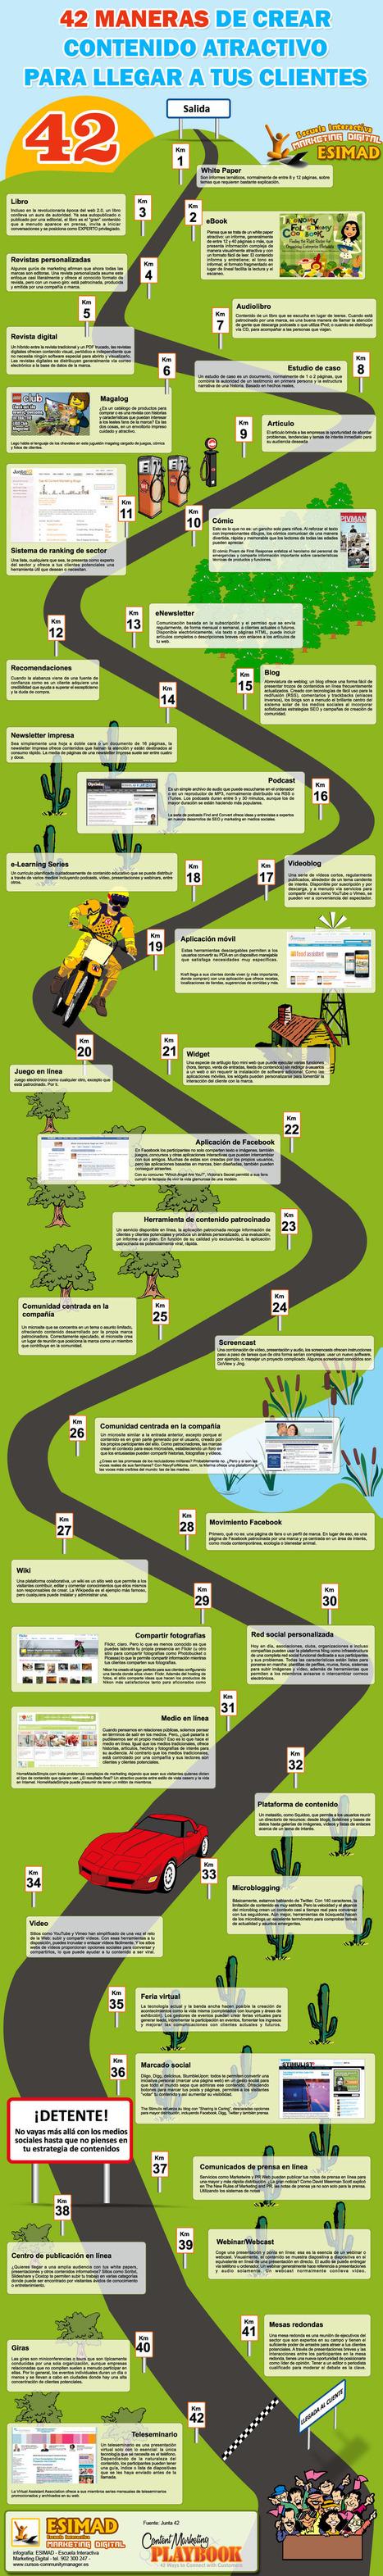 42 maneras de crear contenido atractivo #infografia#infographic#socialmedia | Aplicaciones web | Scoop.it